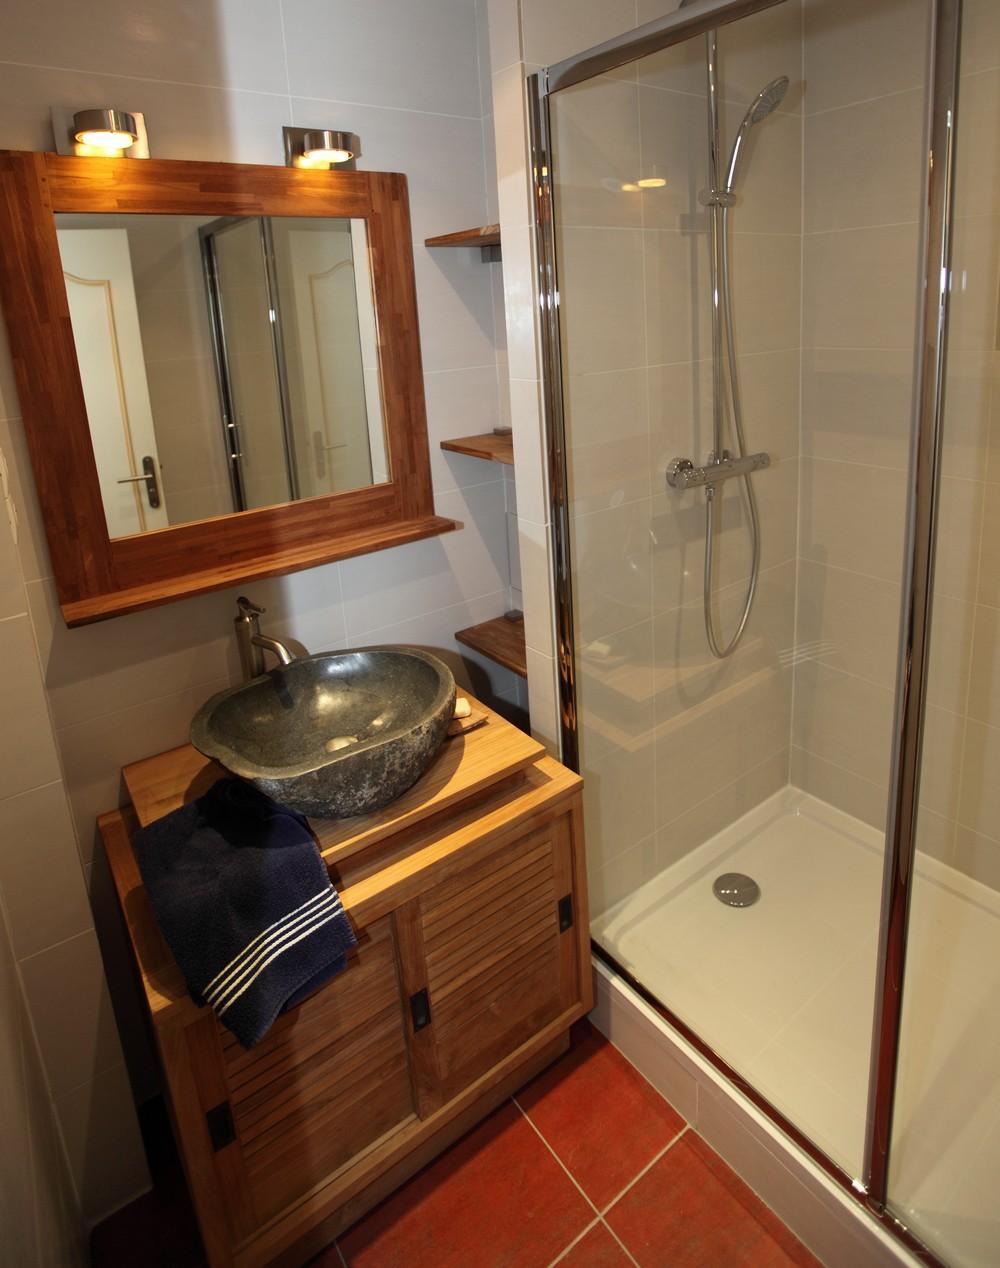 Salle de bain meubles meubles pour la salle de bain - Meuble salle de bain 135 cm ...